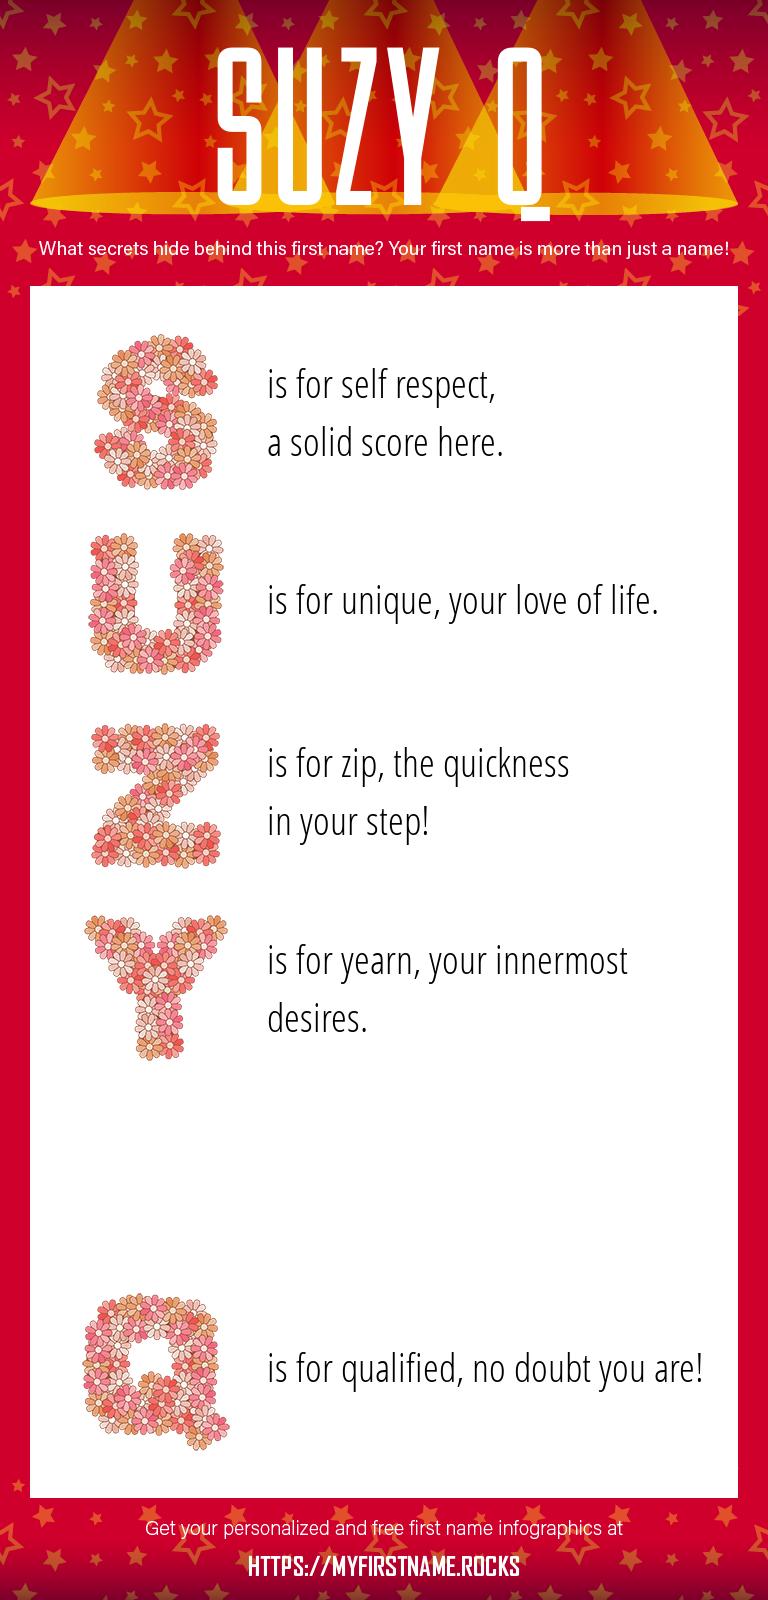 Suzy Q Infographics